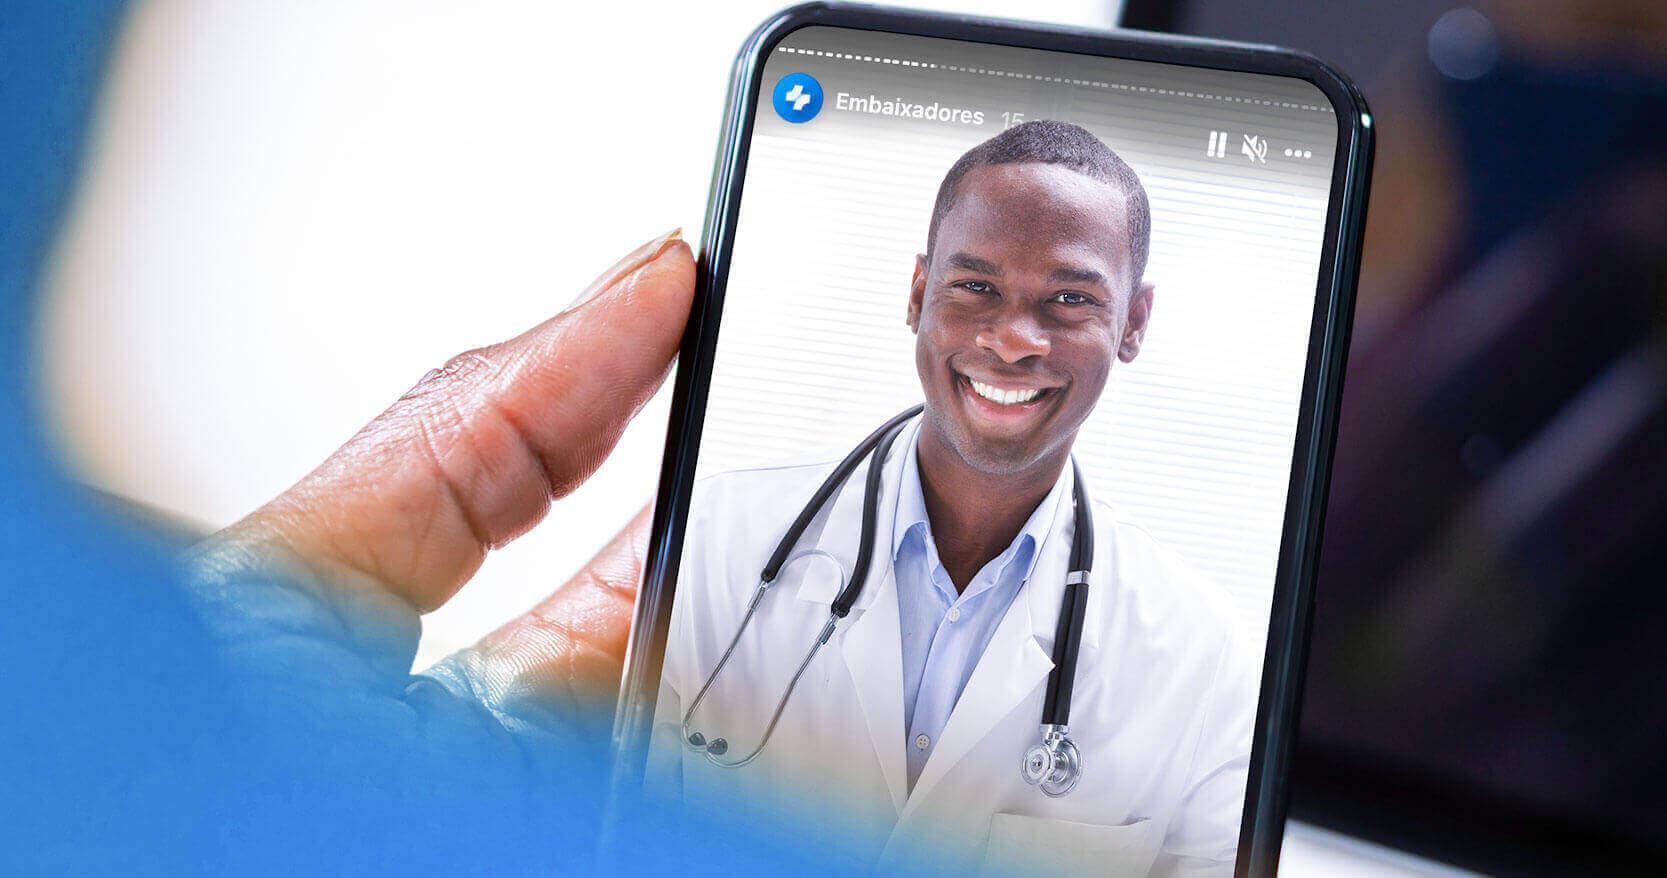 Dicas para aumentar a visibilidade do médico na internet